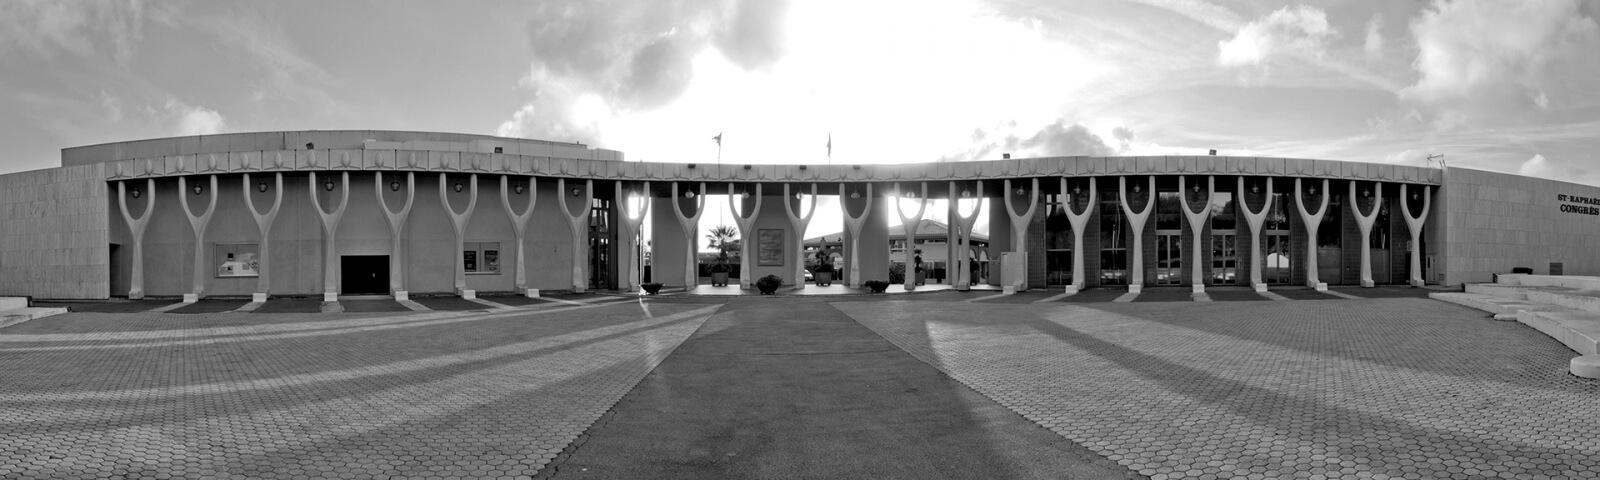 palais-des-congres-bandeau